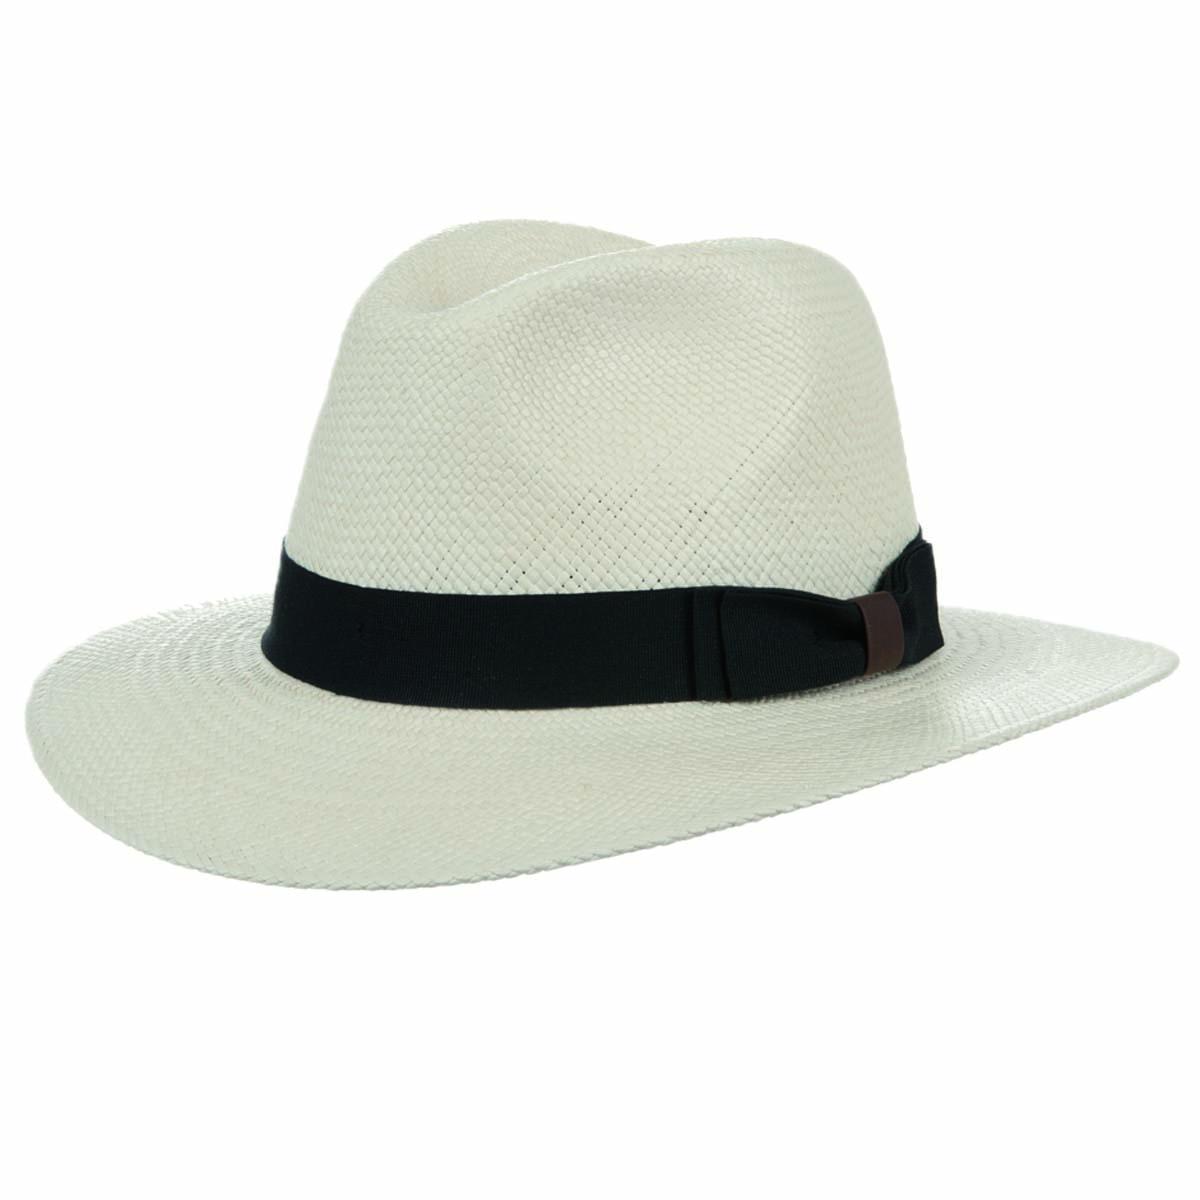 Cappello di paglia da uomo con garnitura a fascia nera cbefc55bc9ab